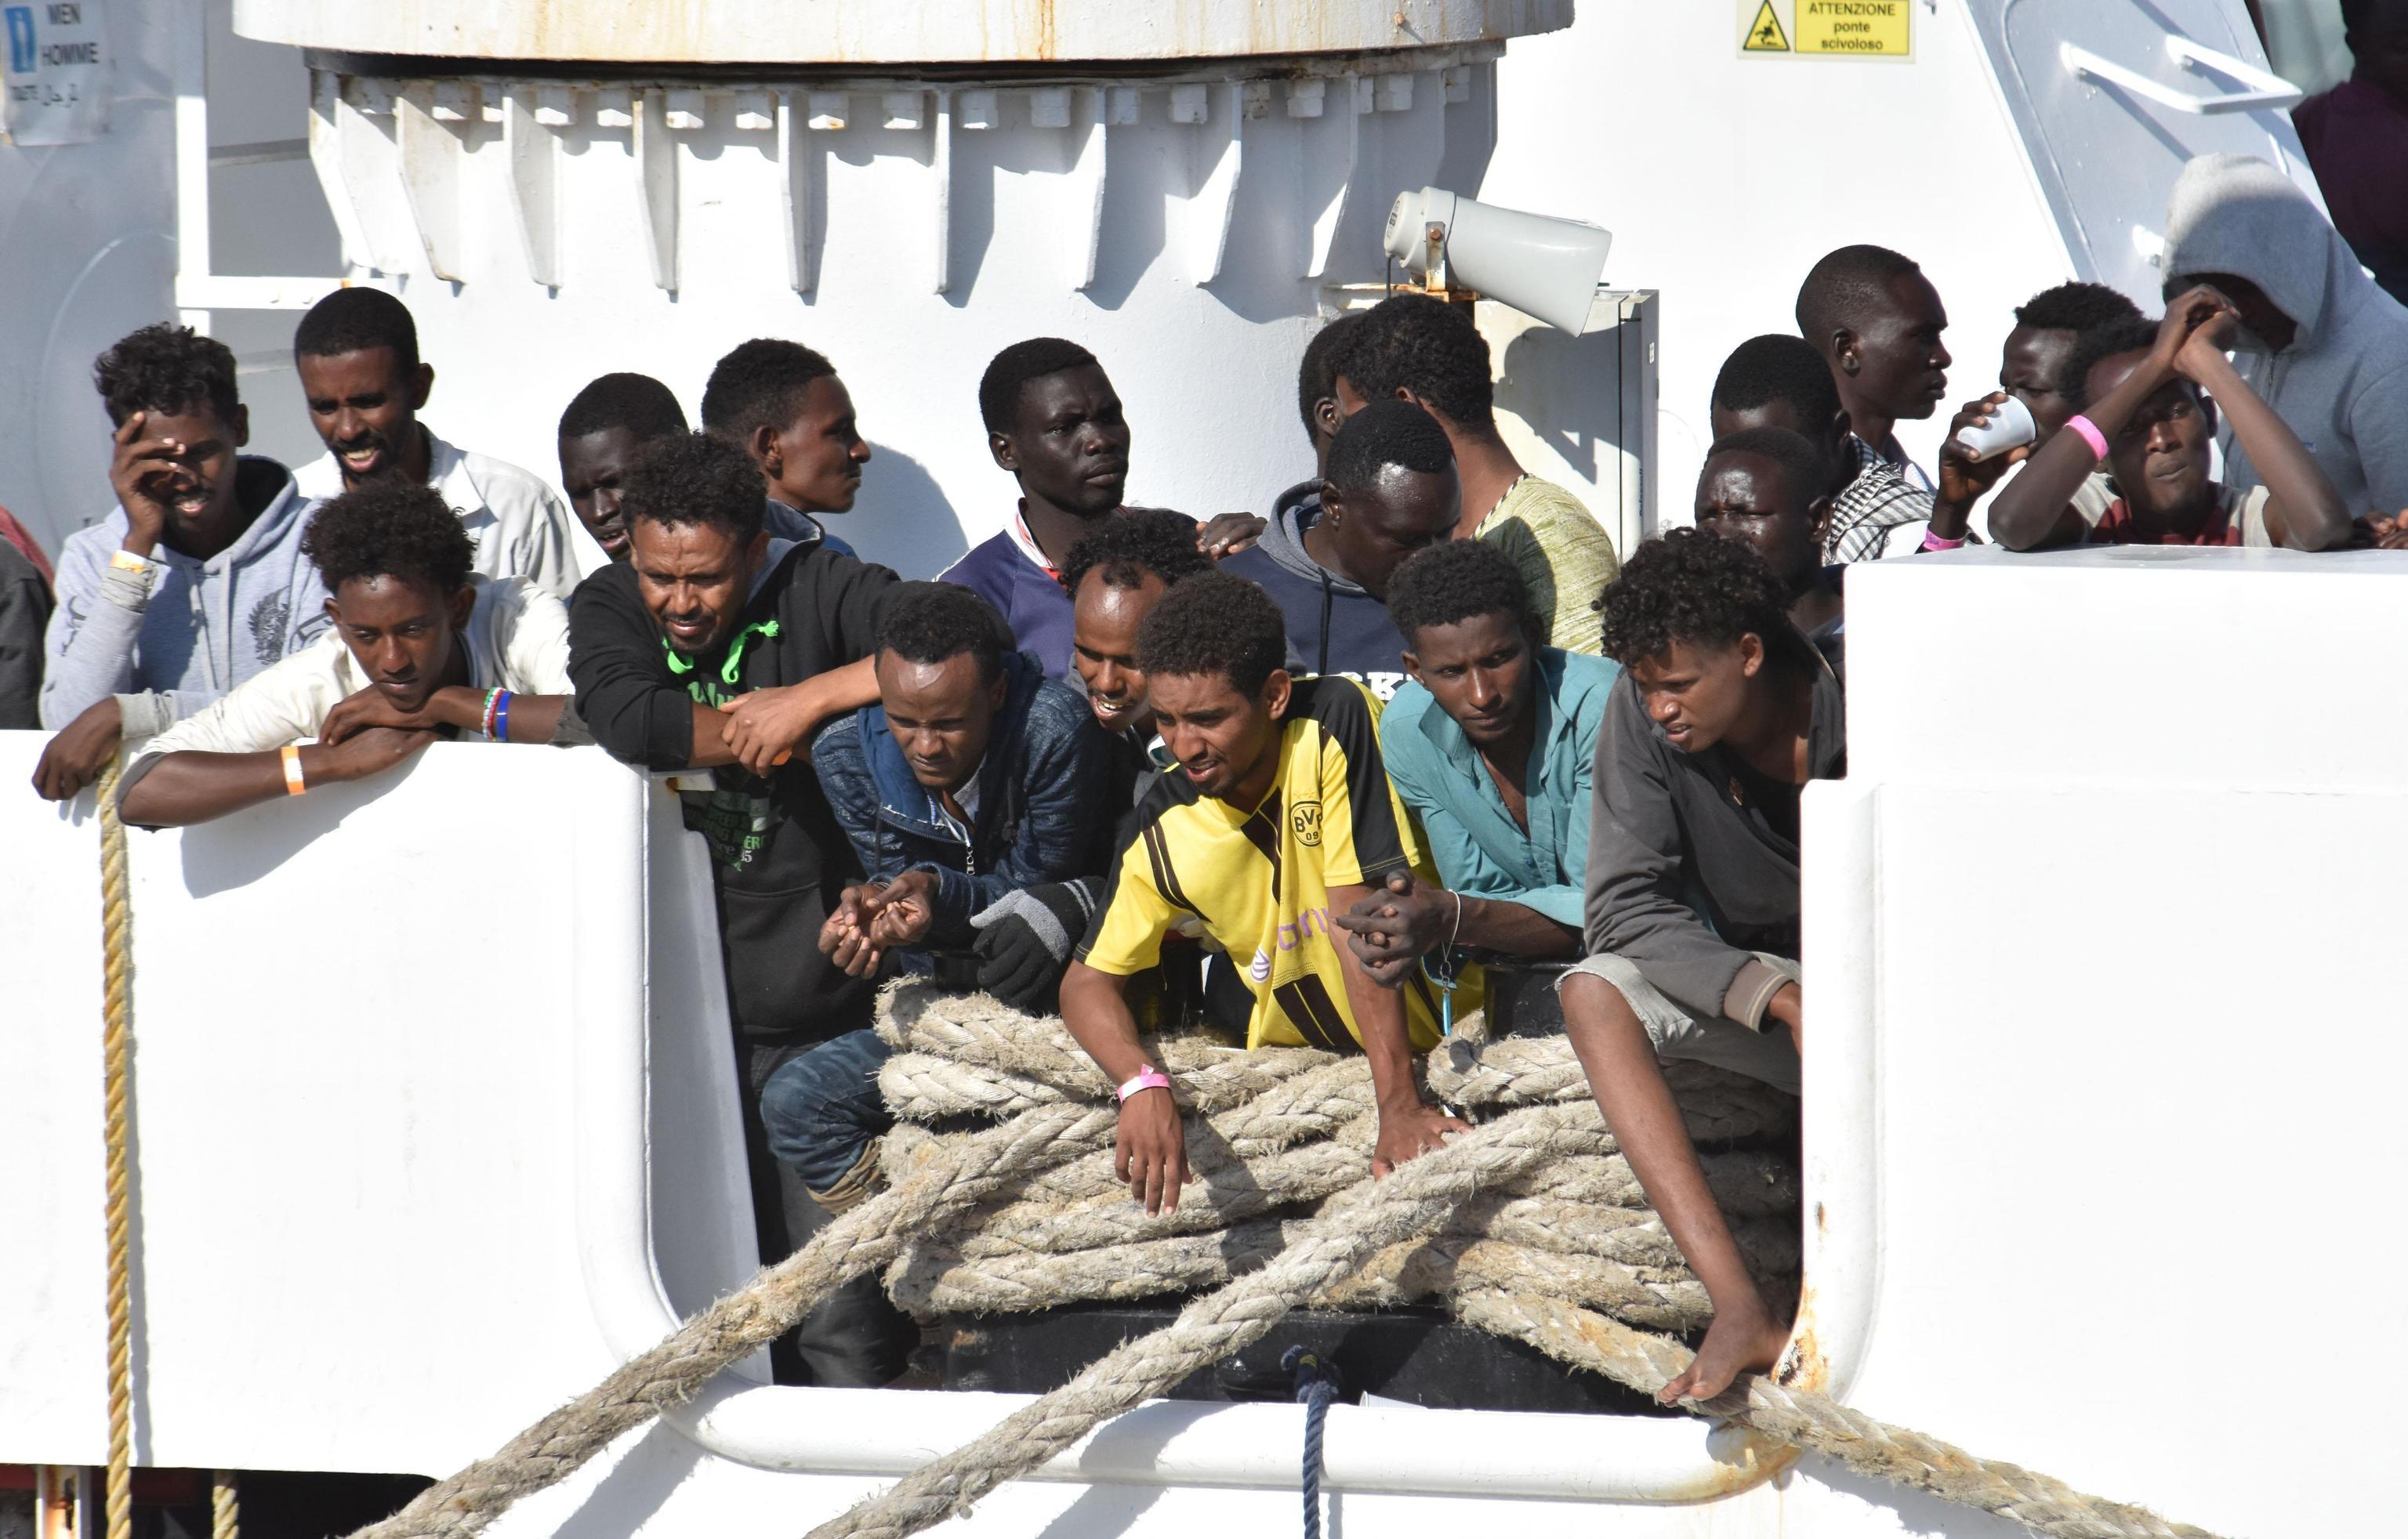 nave militare irlandese sbarca a messina, a bordo 106 migranti - gds